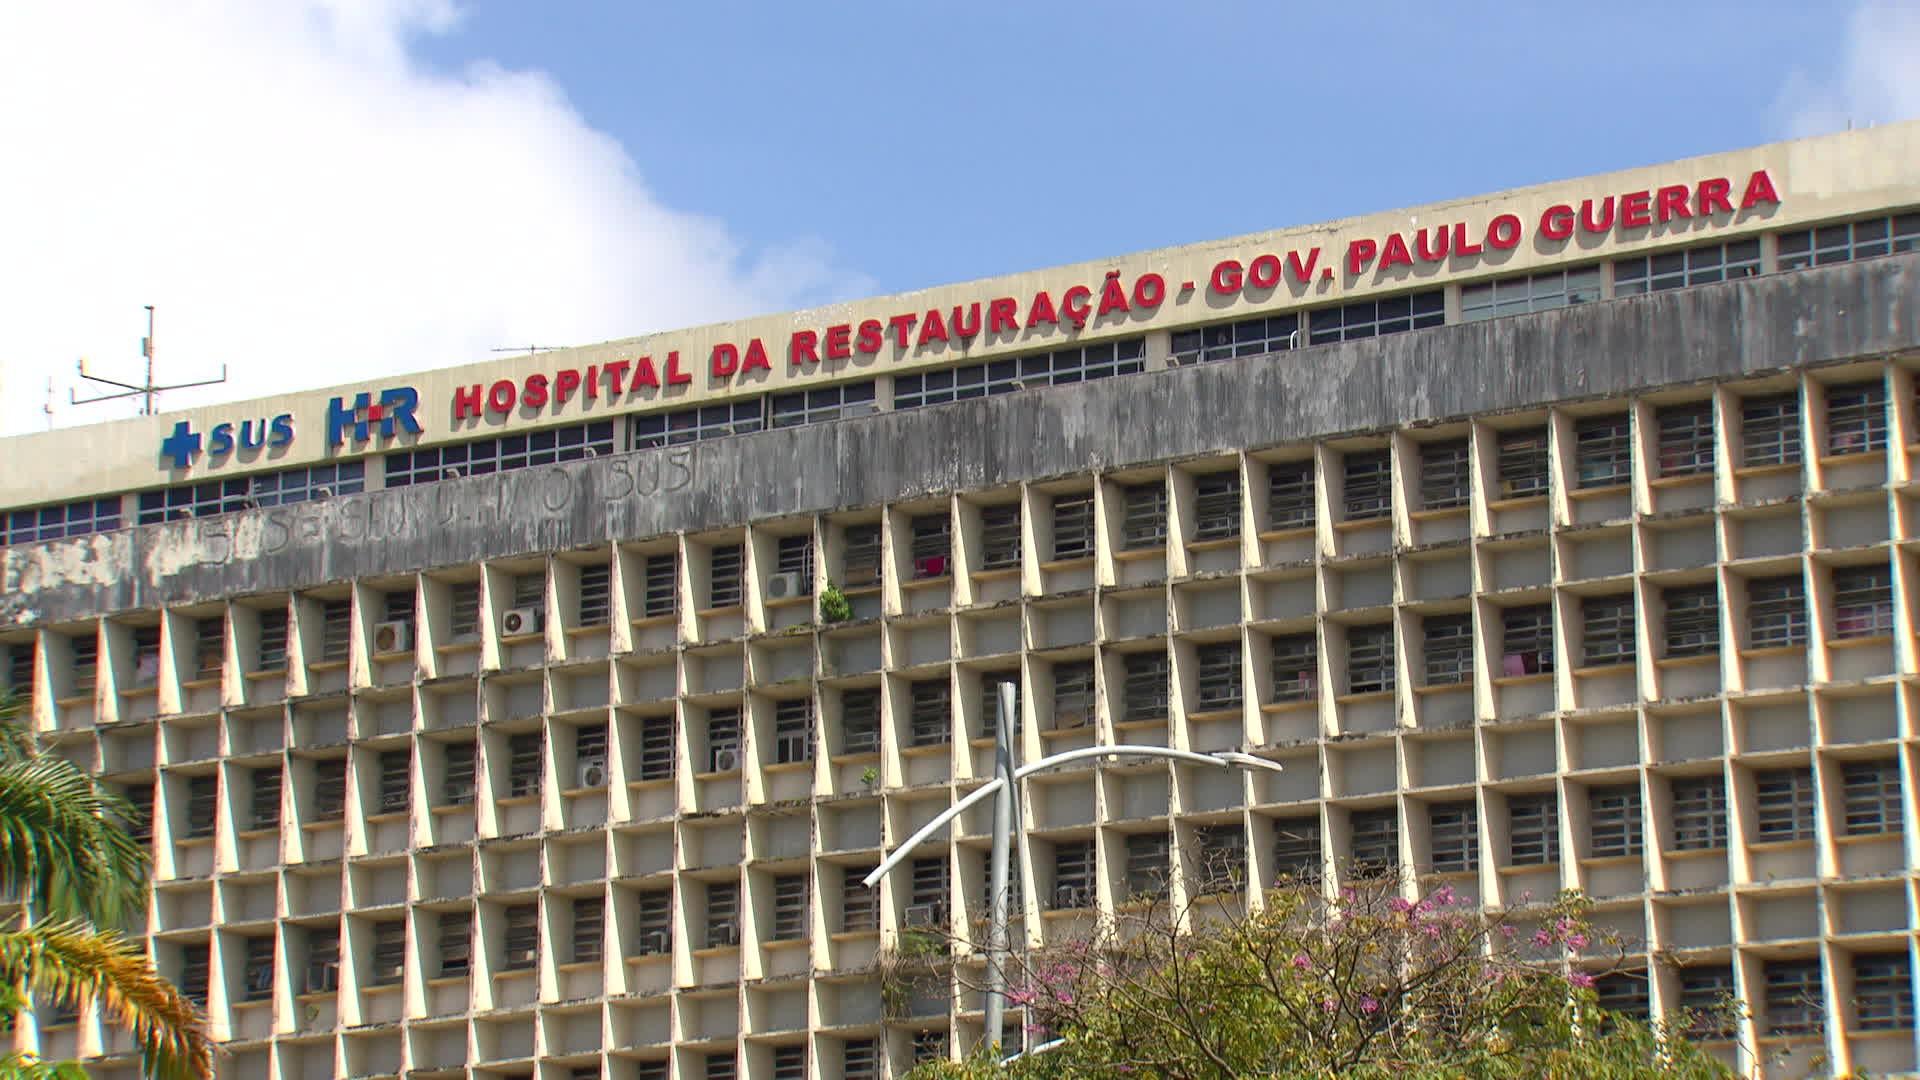 Adolescente que teve braço reimplantando após acidente em ônibus é intubado e tem estado de saúde grave, diz secretaria